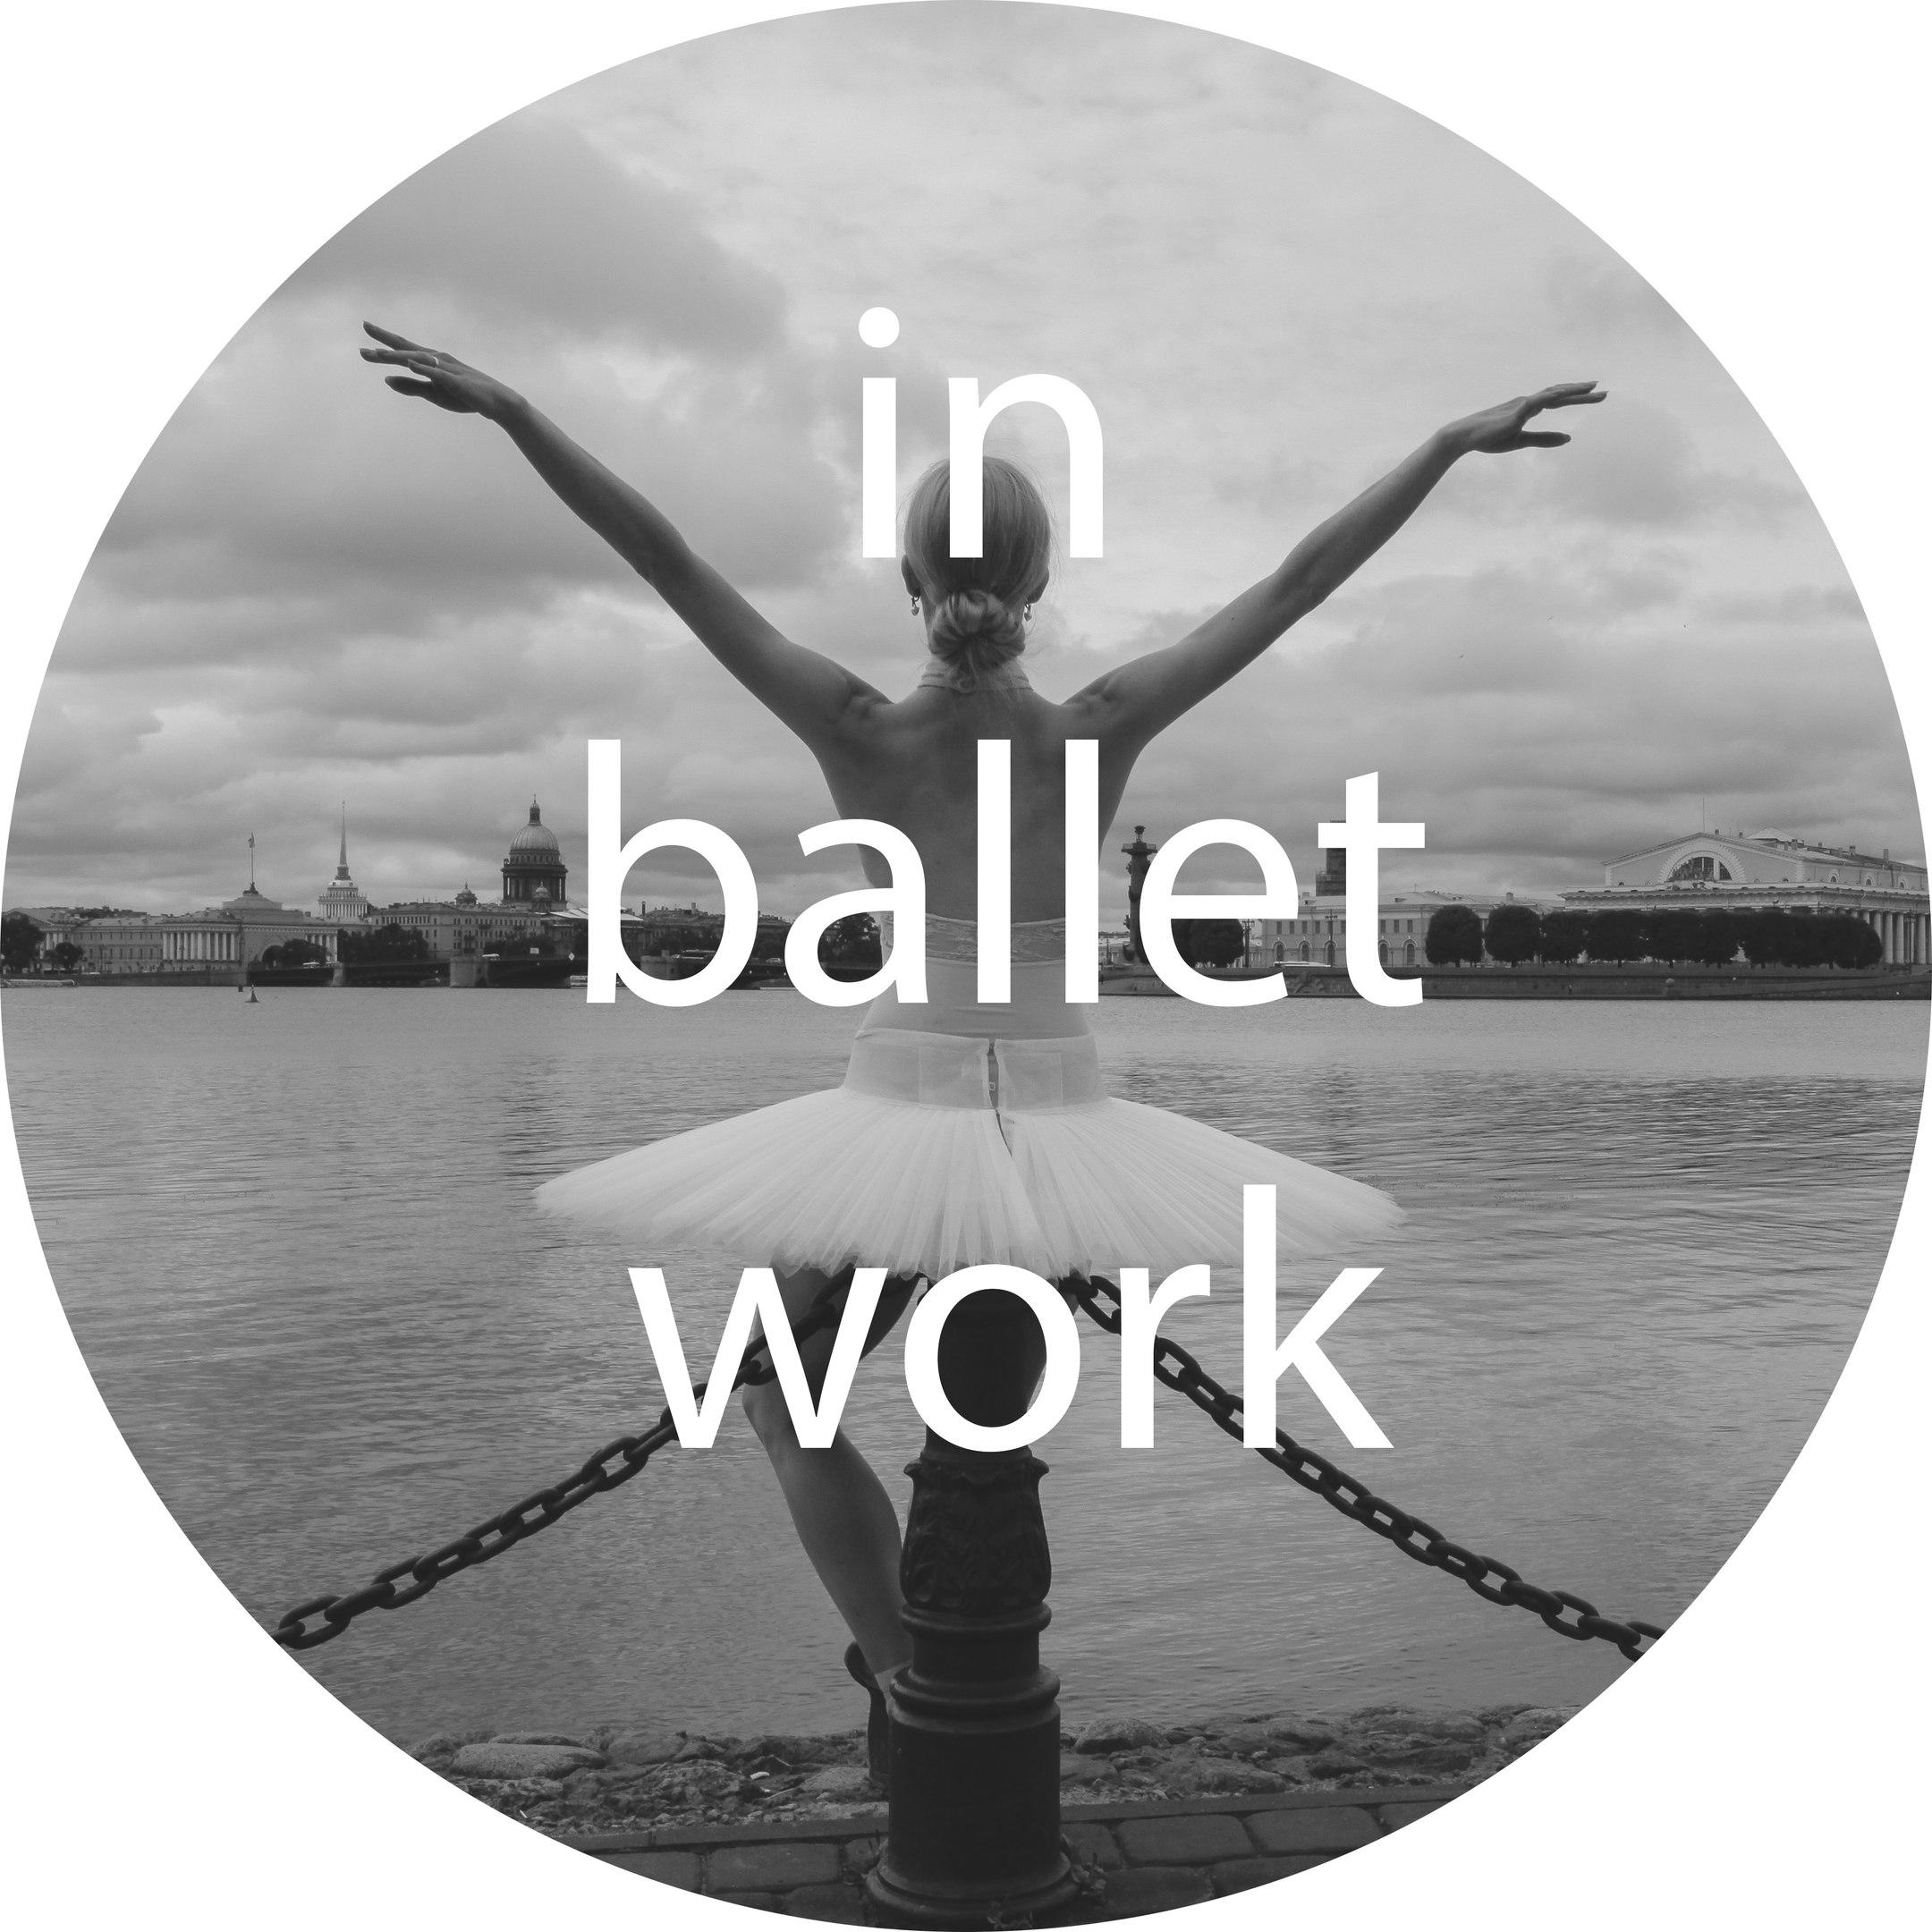 Ballet work